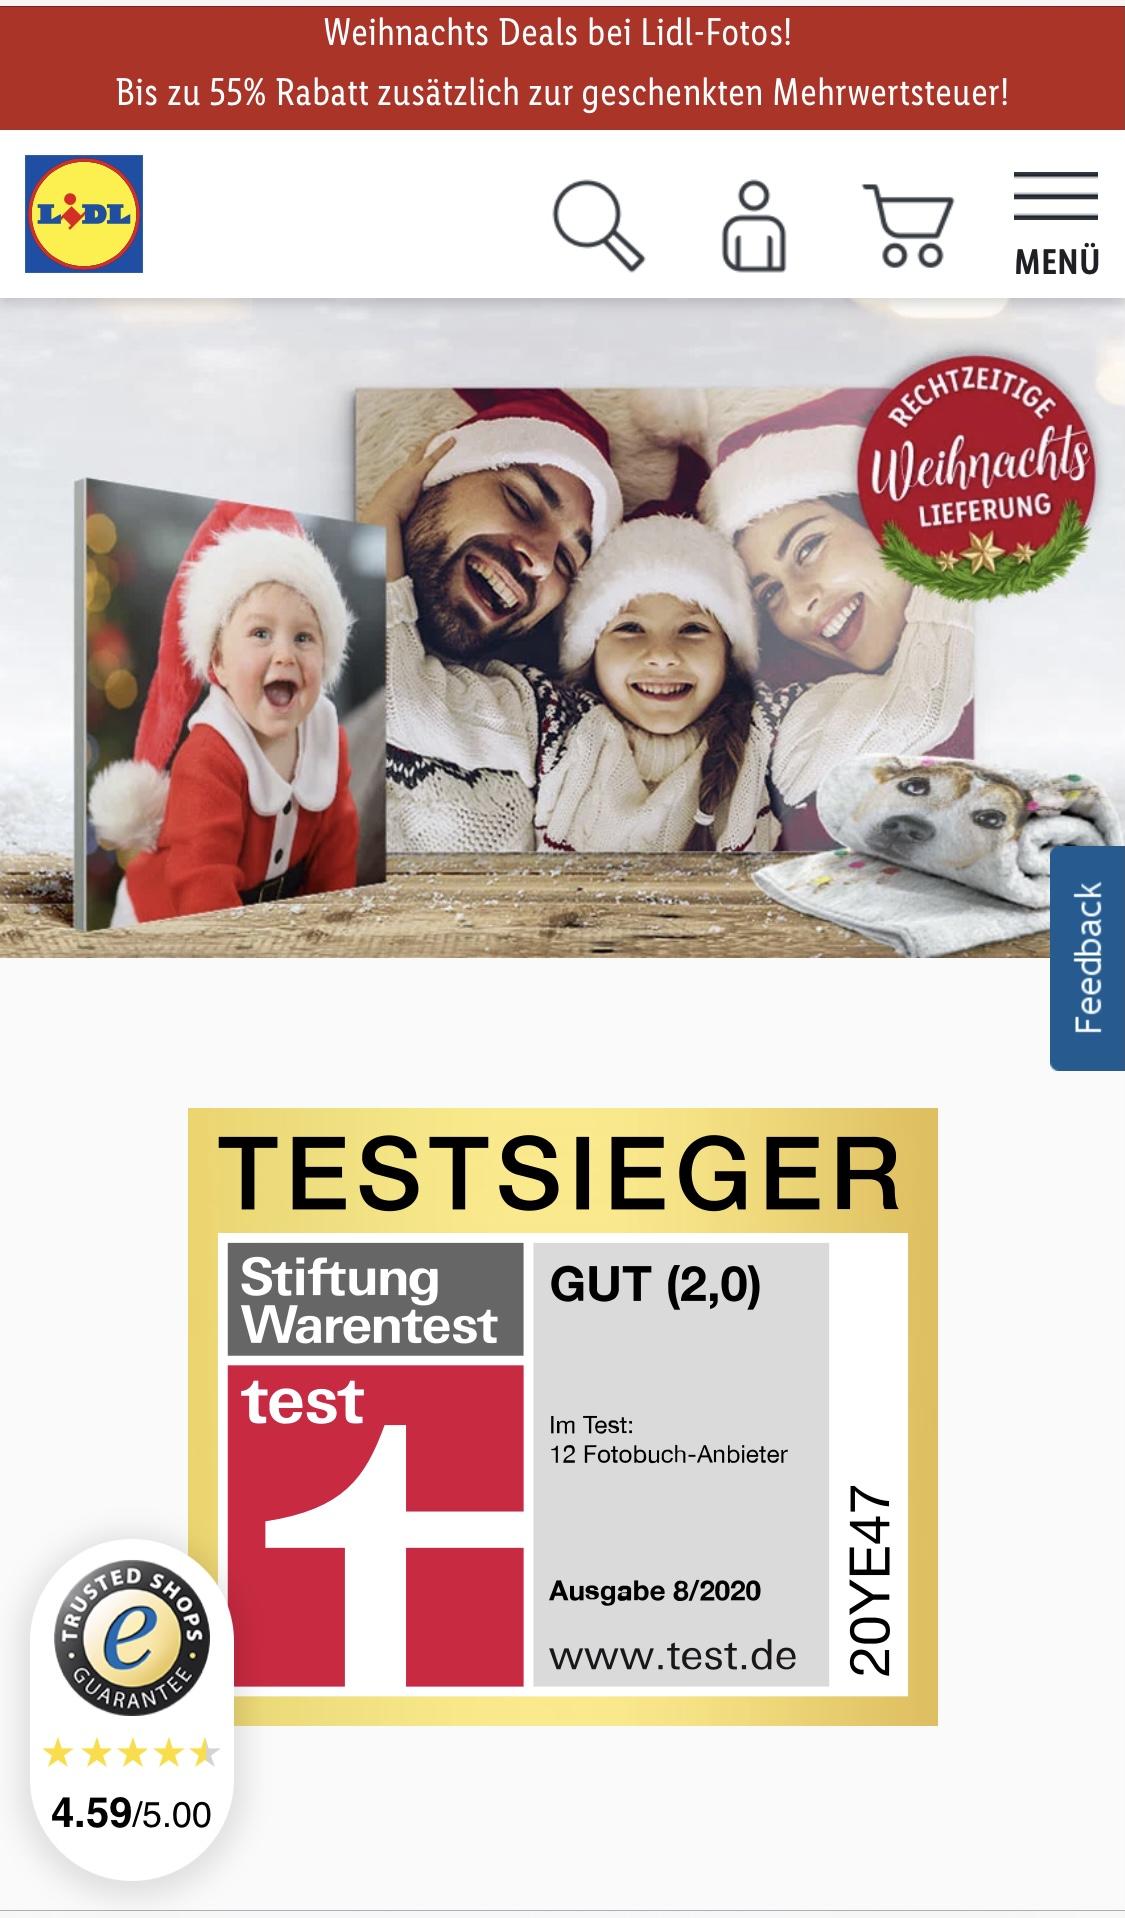 Lidl Fotos, zb Acrylbild 60x40 für 19,98€ inkl Expressversand mit Lieferung vor Weihnachten, auch Leinwand oder Decke